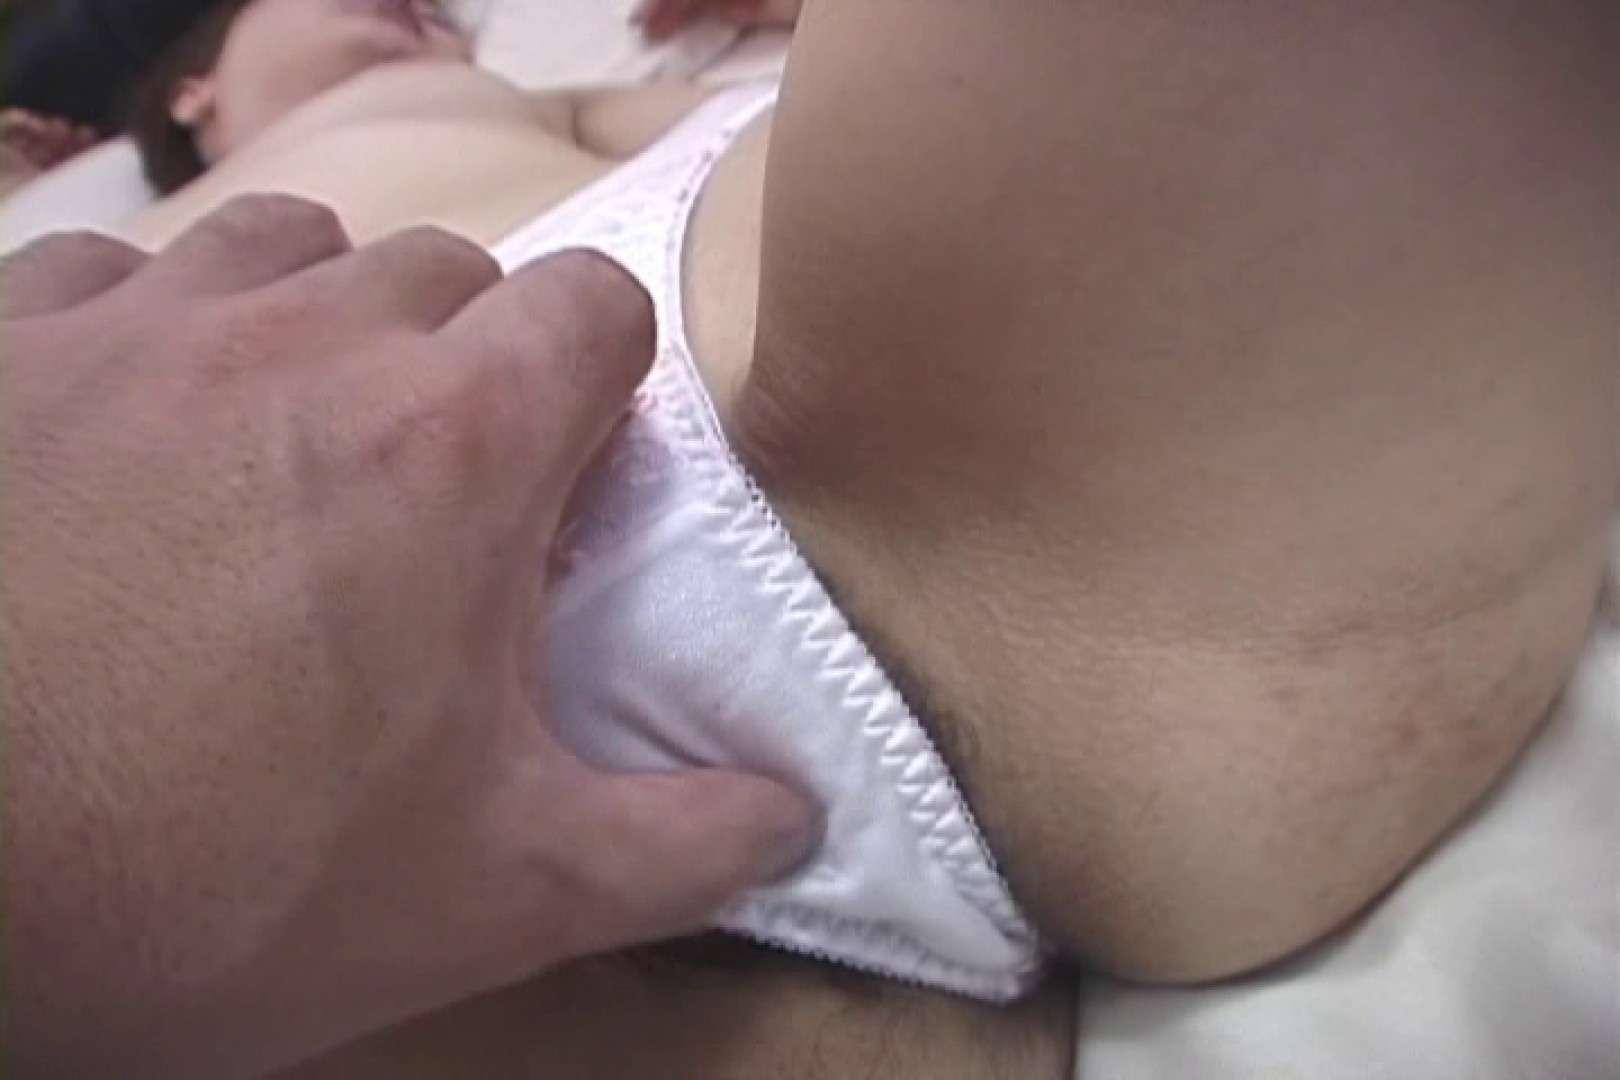 若人妻は静かに濡れる~藤本あずさ~ エッチな熟女  64pic 27